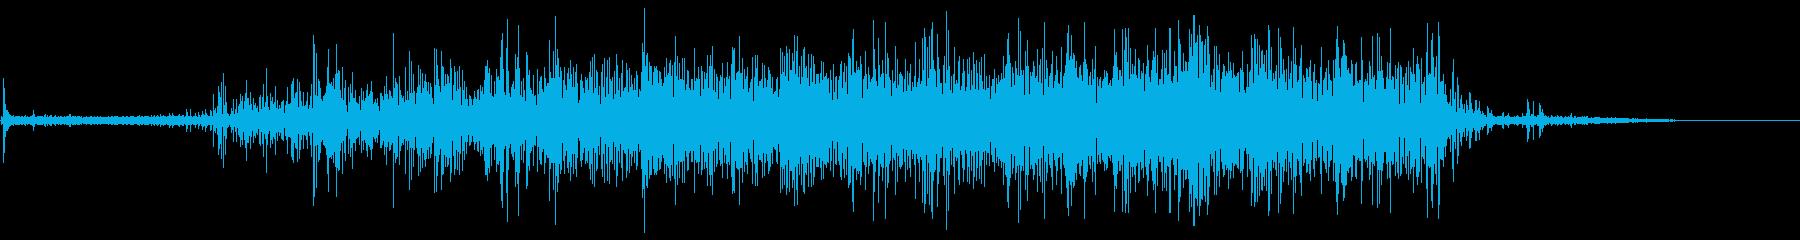 機械、攪拌機;マグネティックラボマ...の再生済みの波形